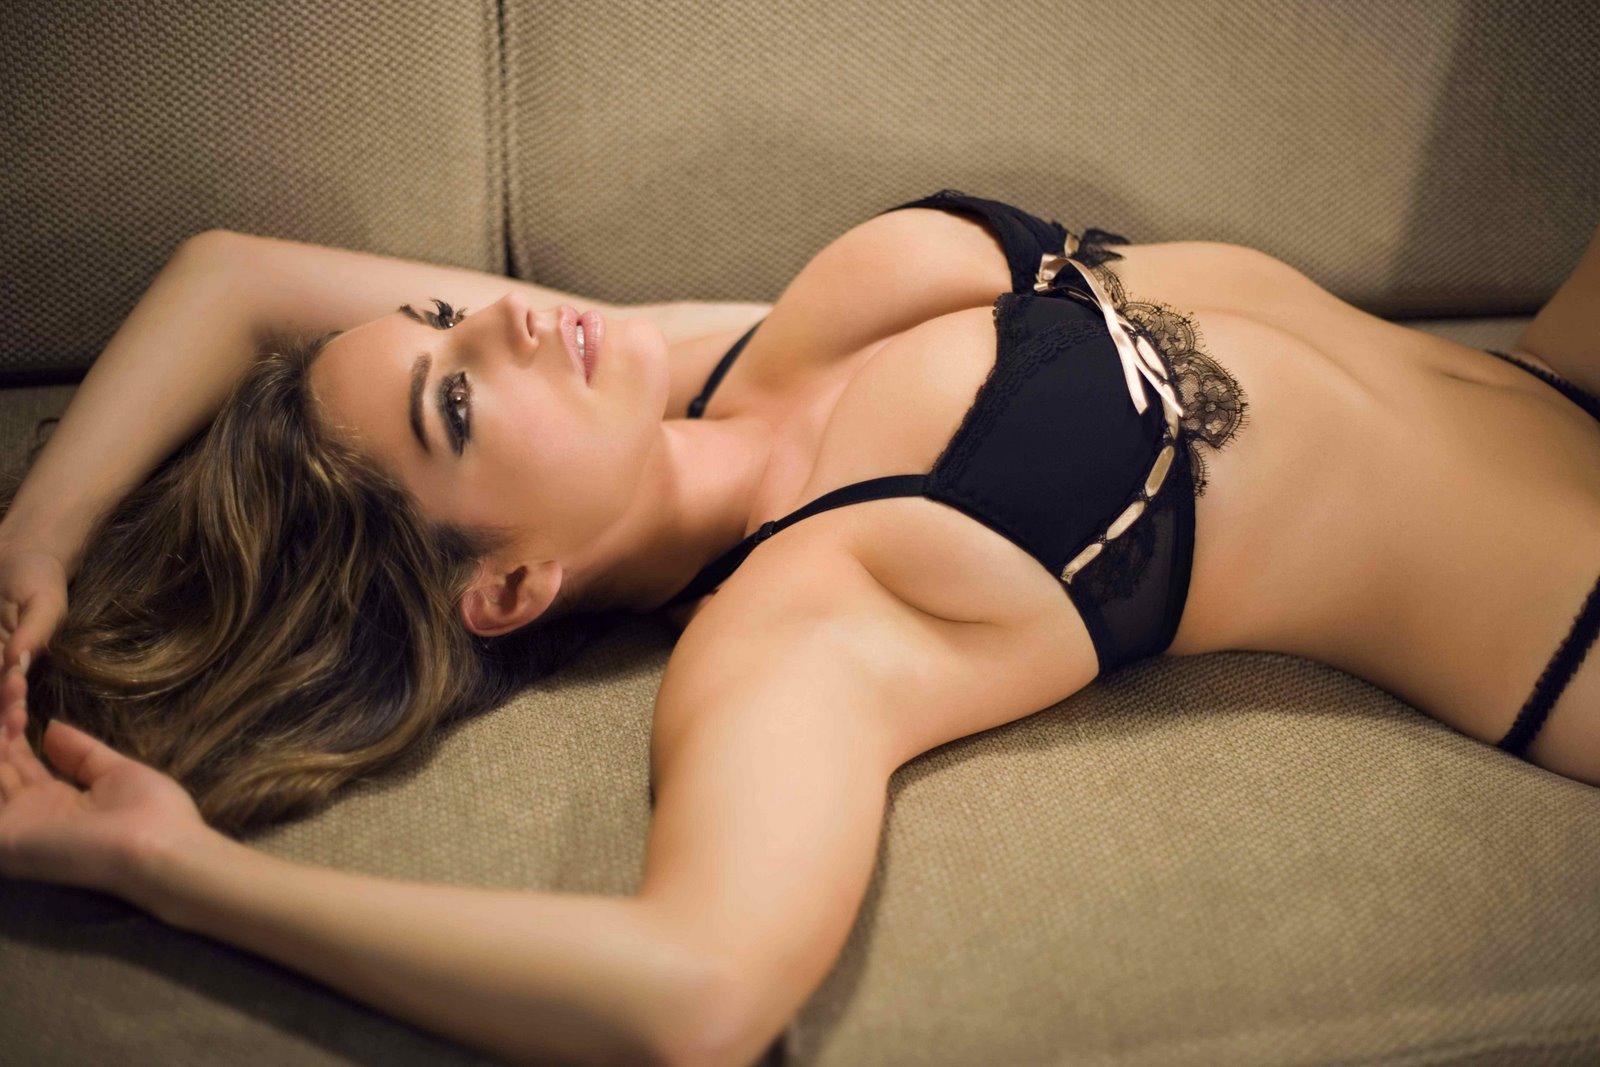 http://1.bp.blogspot.com/_M_FWUFN8NME/TH9xkAHvlqI/AAAAAAAAAd0/Pz1KoSw4thg/s1600/kelly-brook-uhq-029.jpg